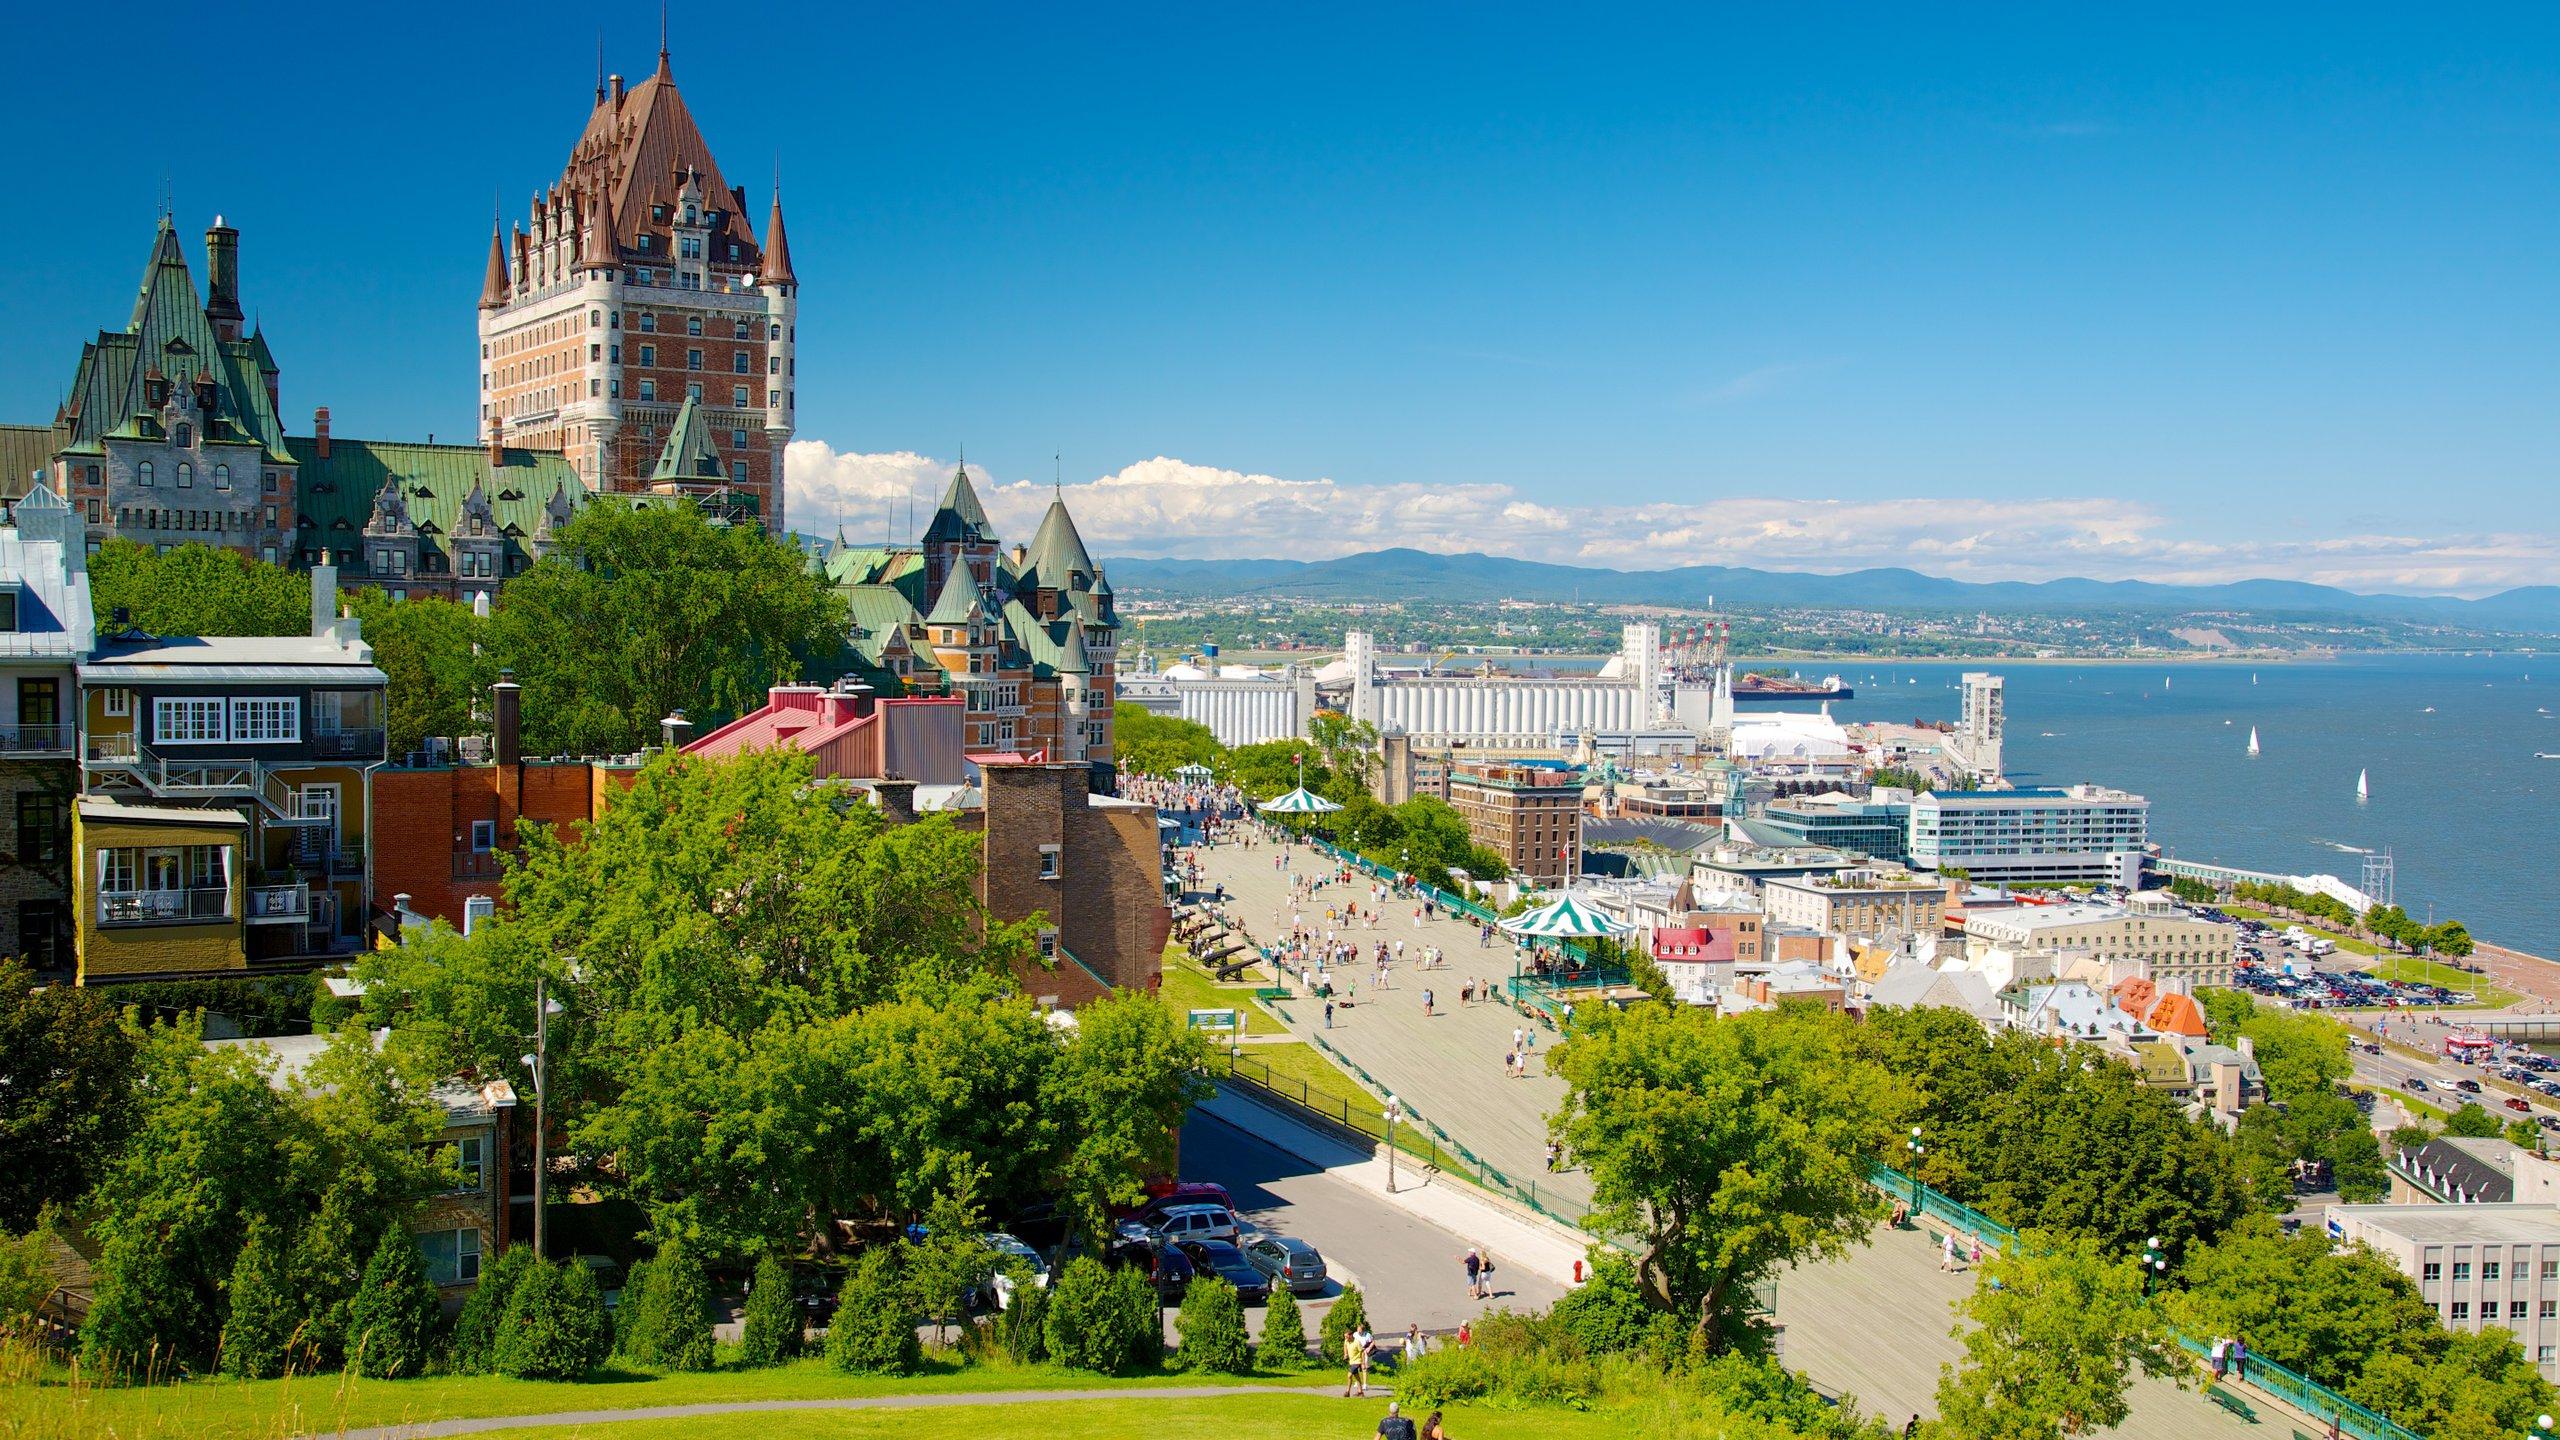 Du học nghề ở Canada bằng tiếng Pháp, cơ hội việc làm và định cư tại Québec